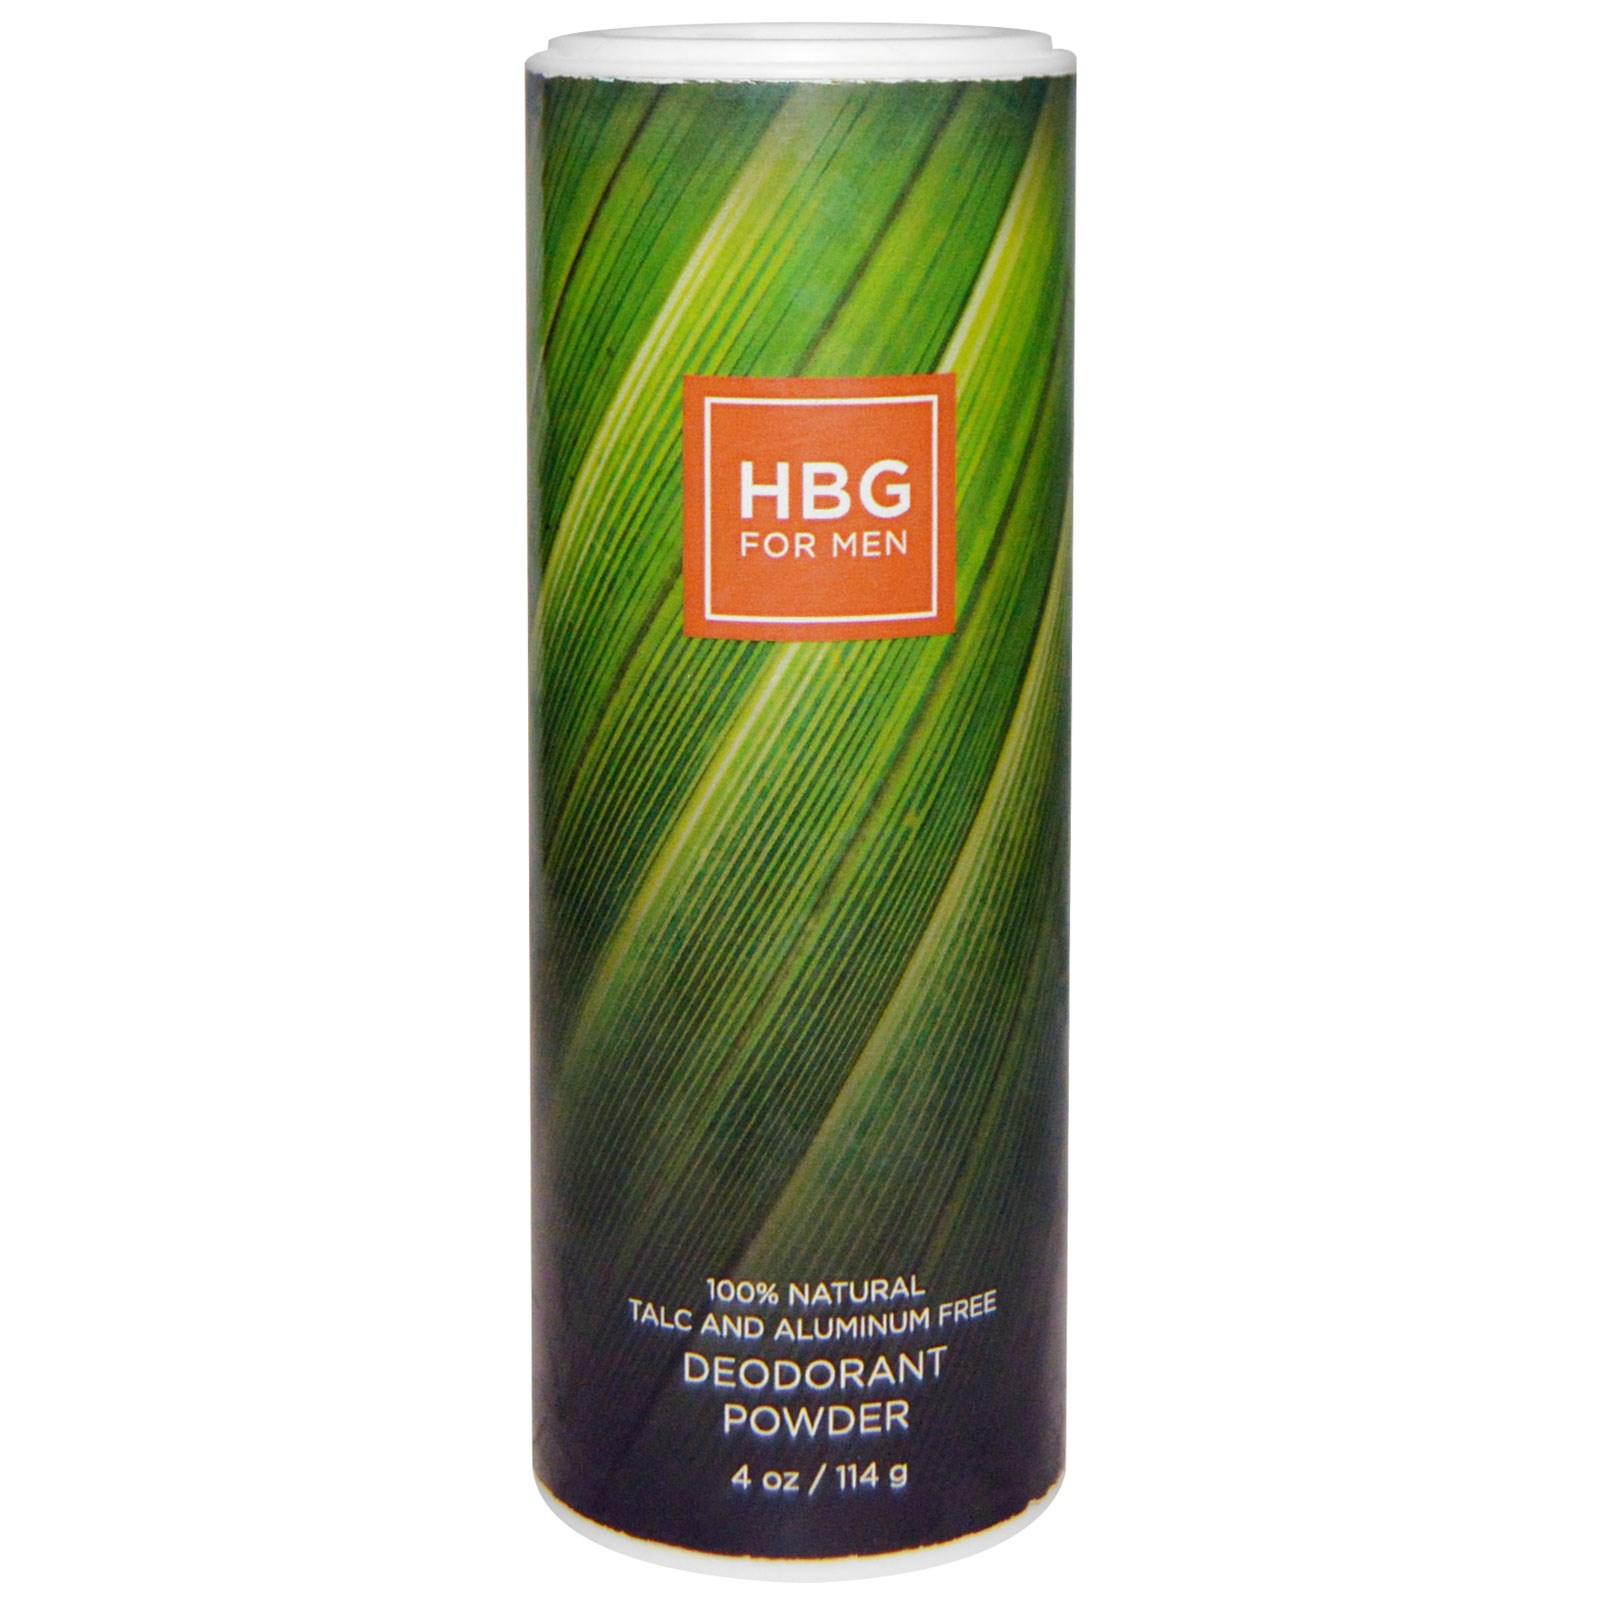 Honeybee Gardens, HBG для мужчин, порошковый дезодорант, аромат эфирного мала лавровых листьев, 4 унции (114 г)